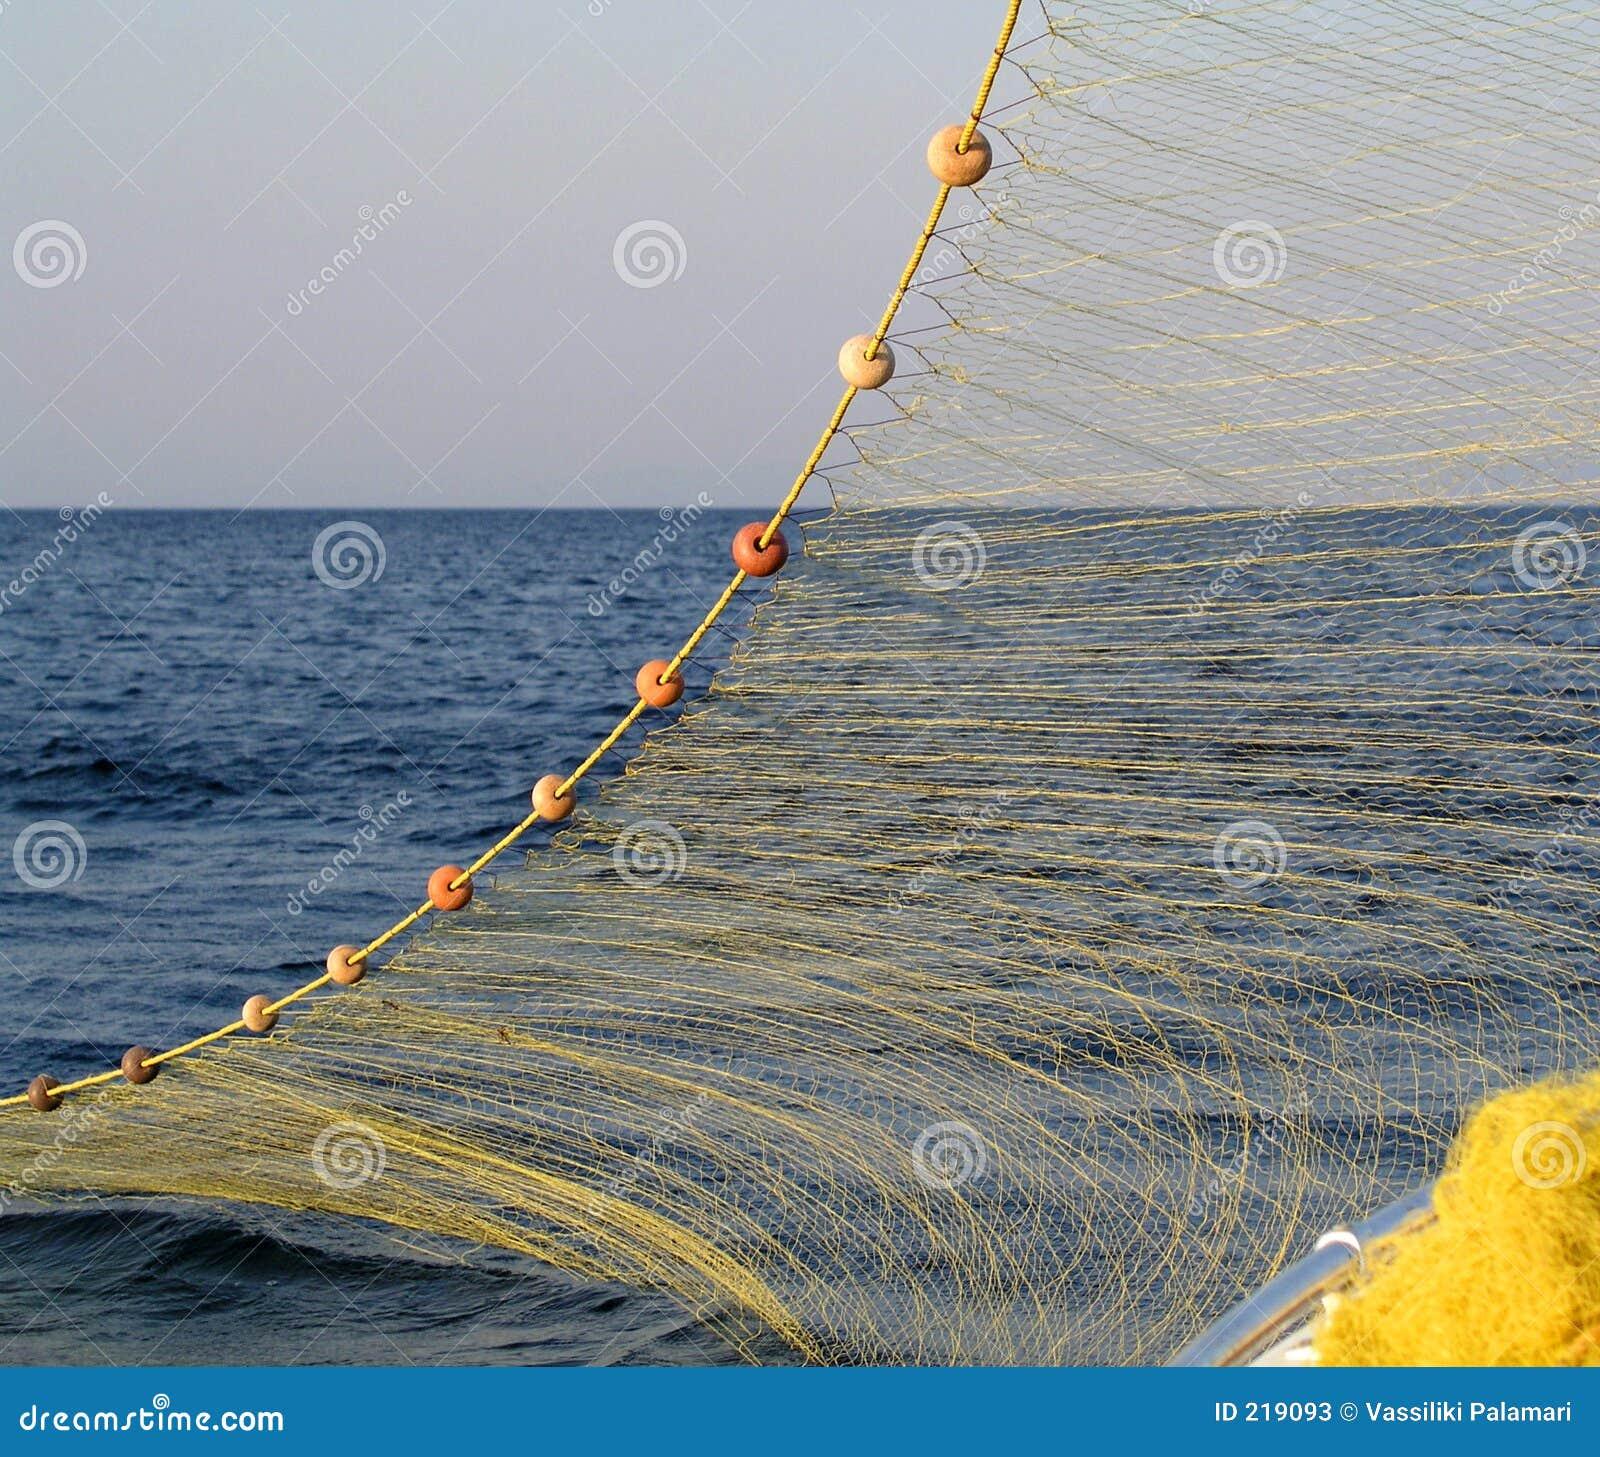 Rete da pesca immagine stock immagine di aegean - Rete da pesca per decorazioni ...